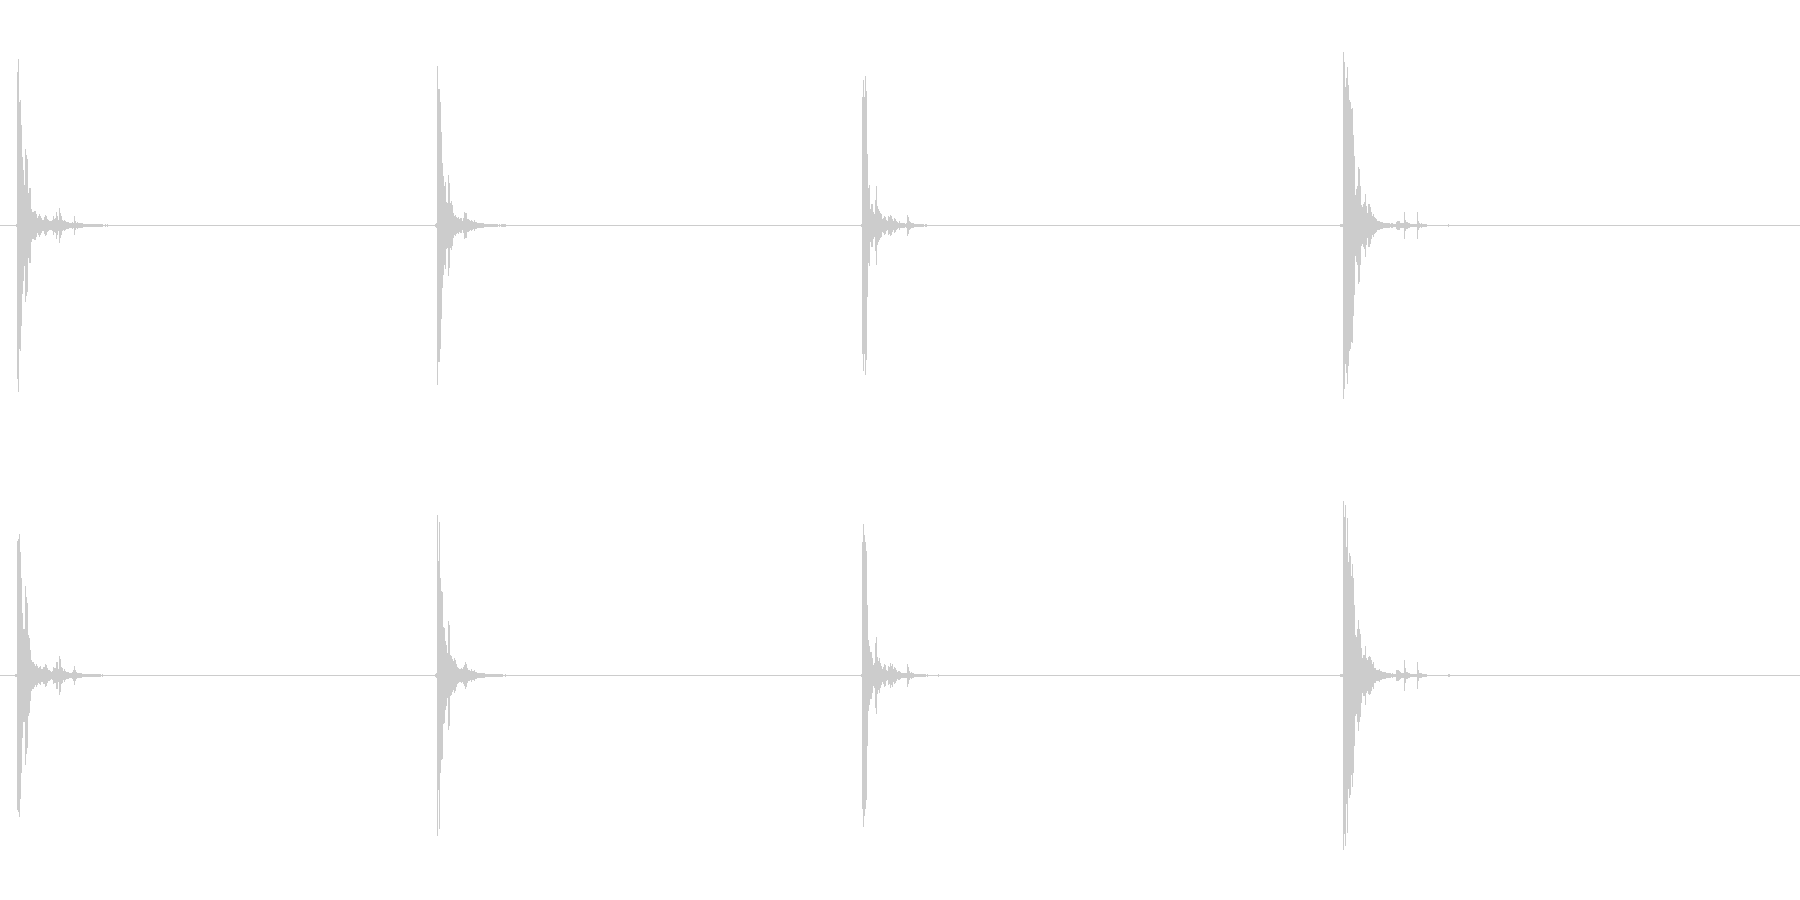 カシャン…グレーチングの上を歩く音の未再生の波形